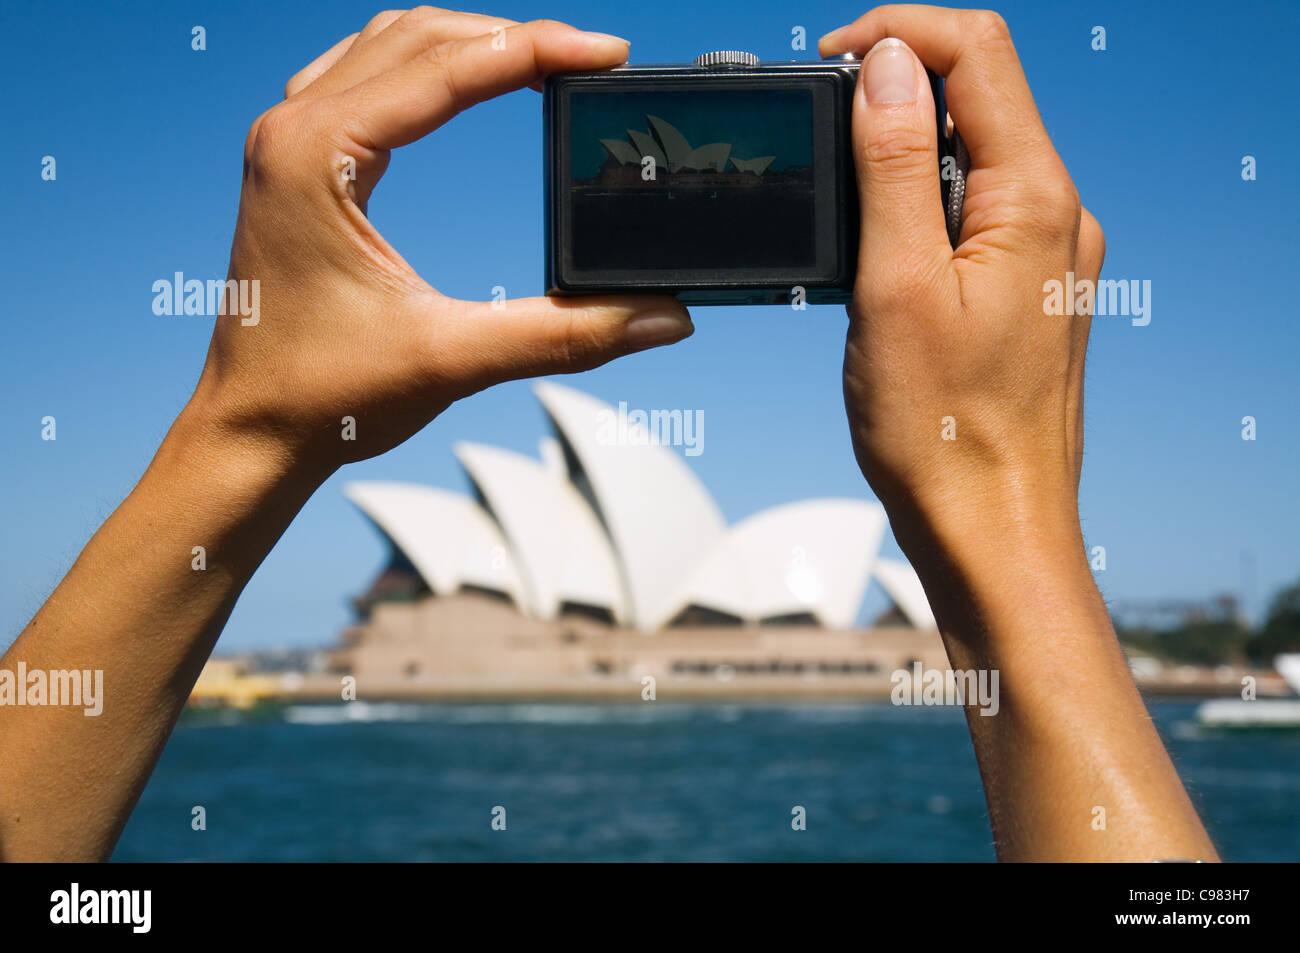 Scattare una foto dell'Opera House di Sydney. Sydney, Nuovo Galles del Sud, Australia Immagini Stock